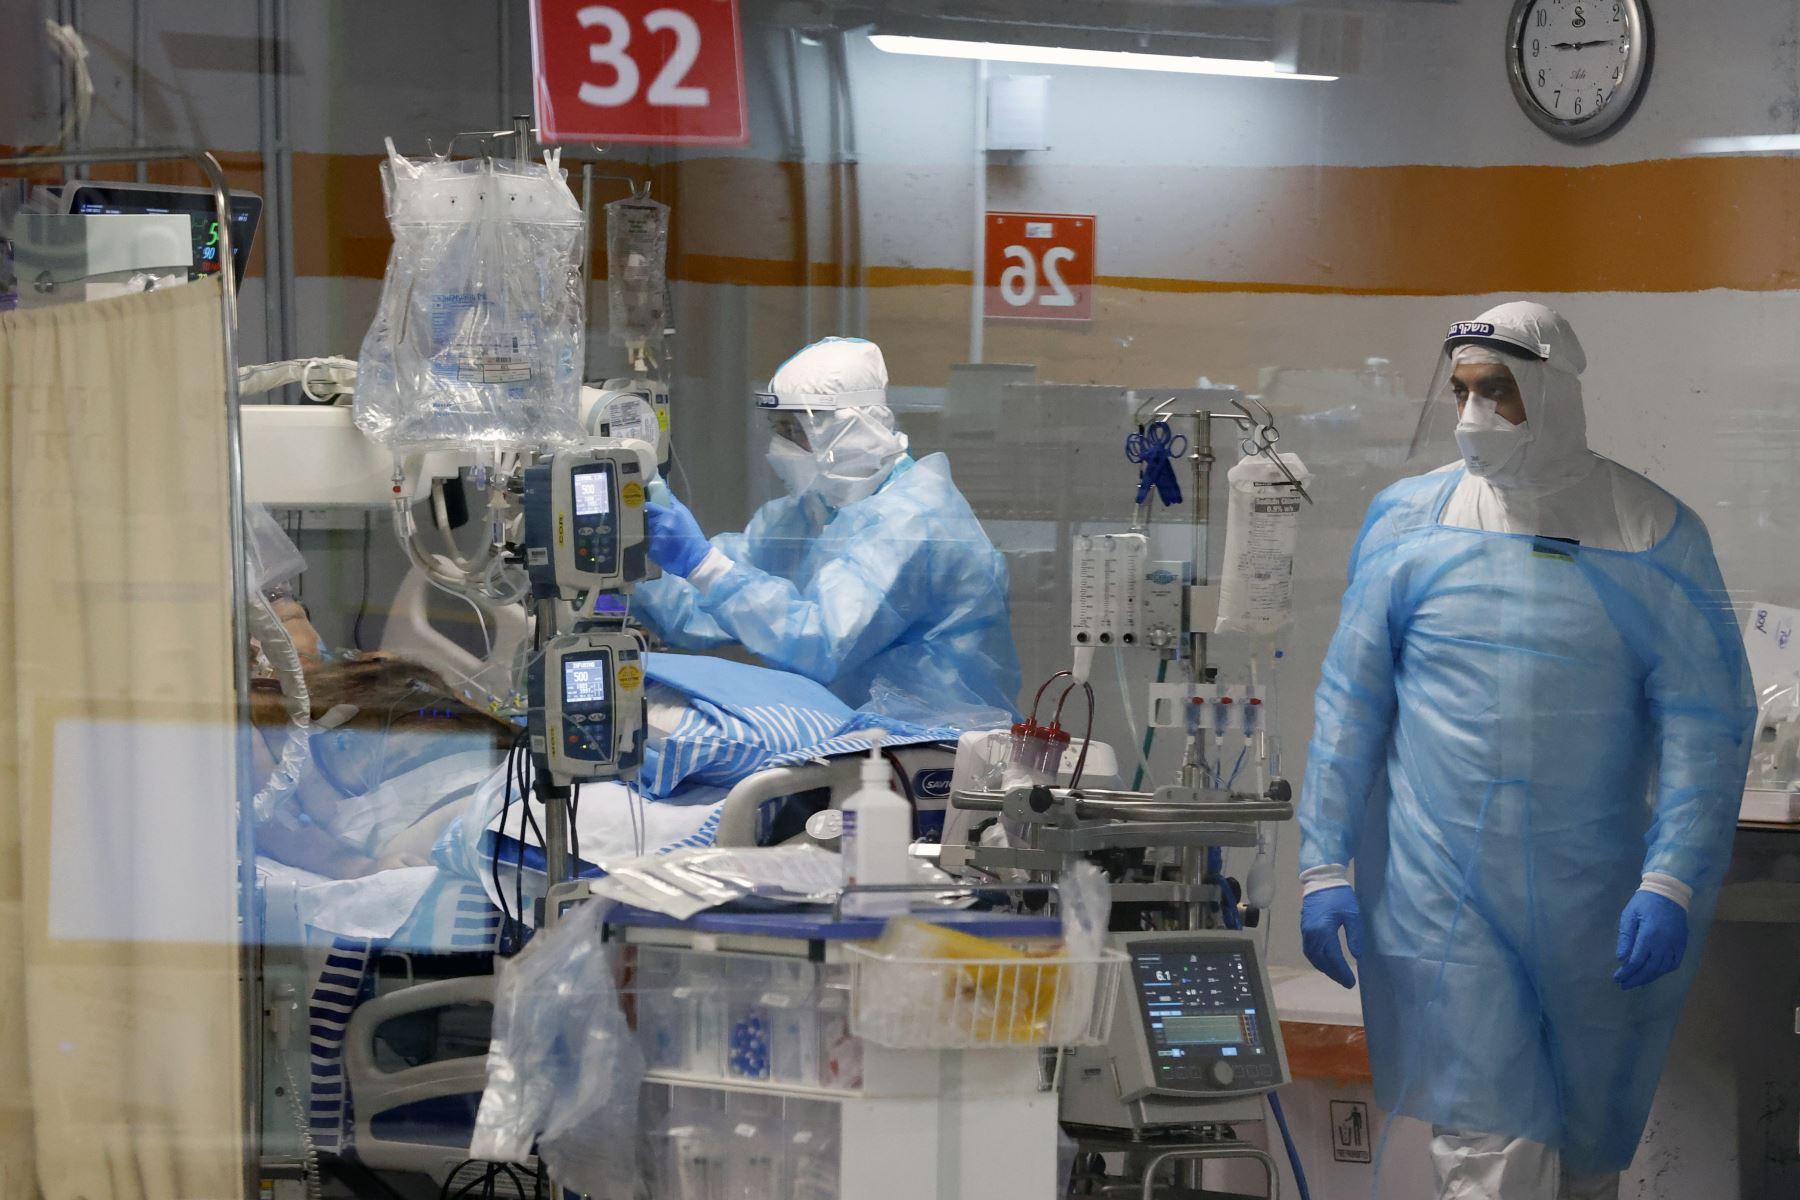 Los médicos atienden a un paciente con covid-19 en la sala de aislamiento del Centro Médico Sheba, en Ramat Gan cerca de la ciudad costera israelí de Tel Aviv.  Foto:  AFP